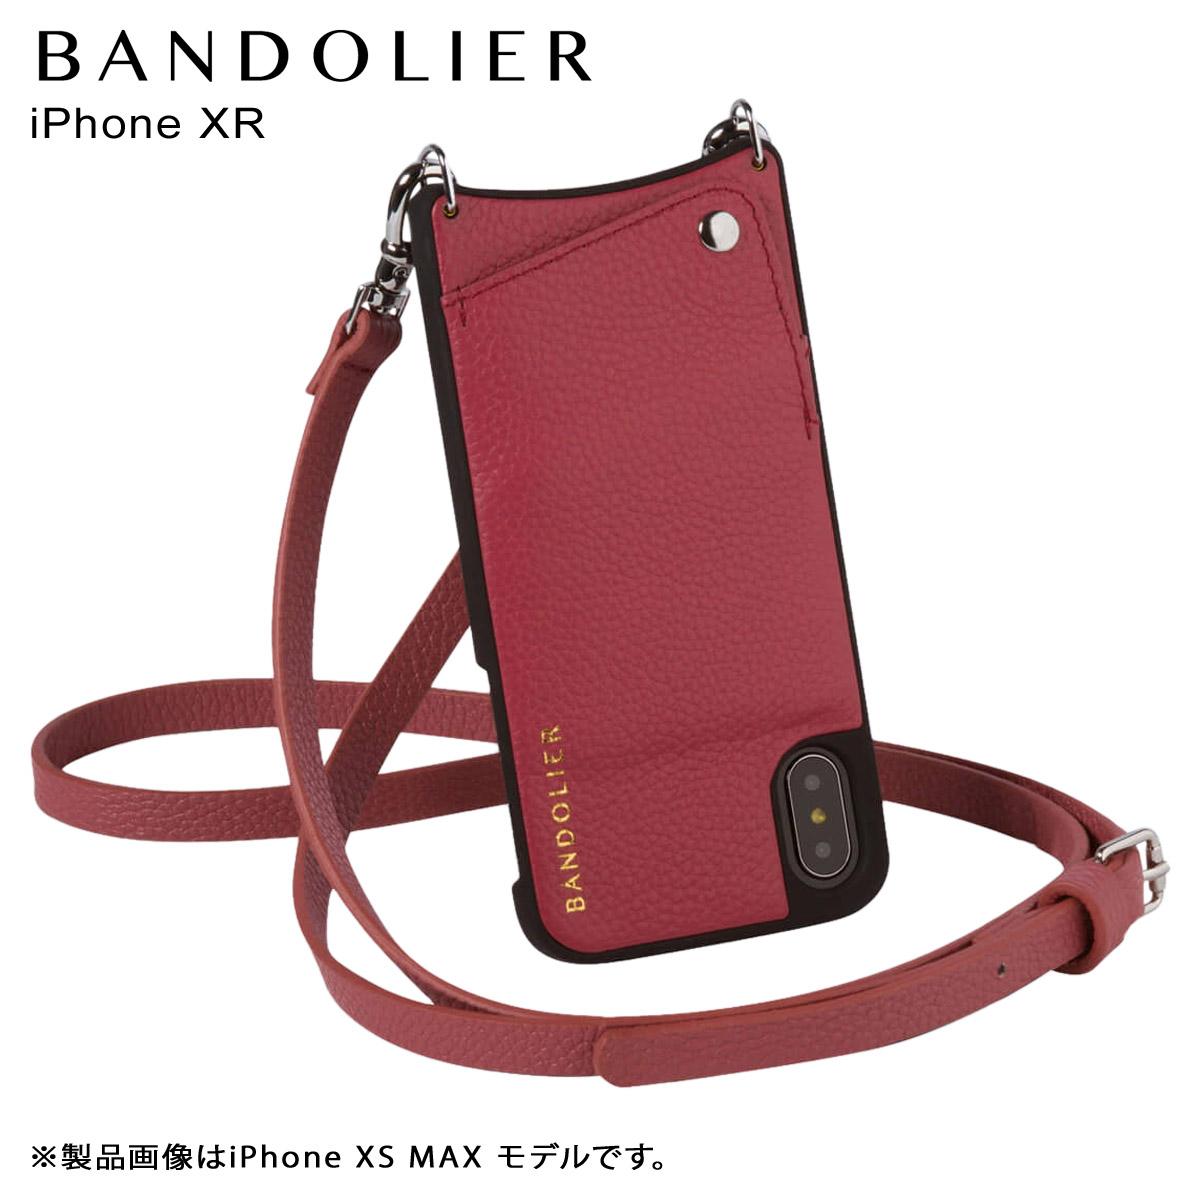 BANDOLIER iPhone XR EMMA MAGENTA RED バンドリヤー ケース ショルダー スマホ アイフォン レザー メンズ レディース マゼンタ レッド 10EMM1001 [4/18 再入荷]